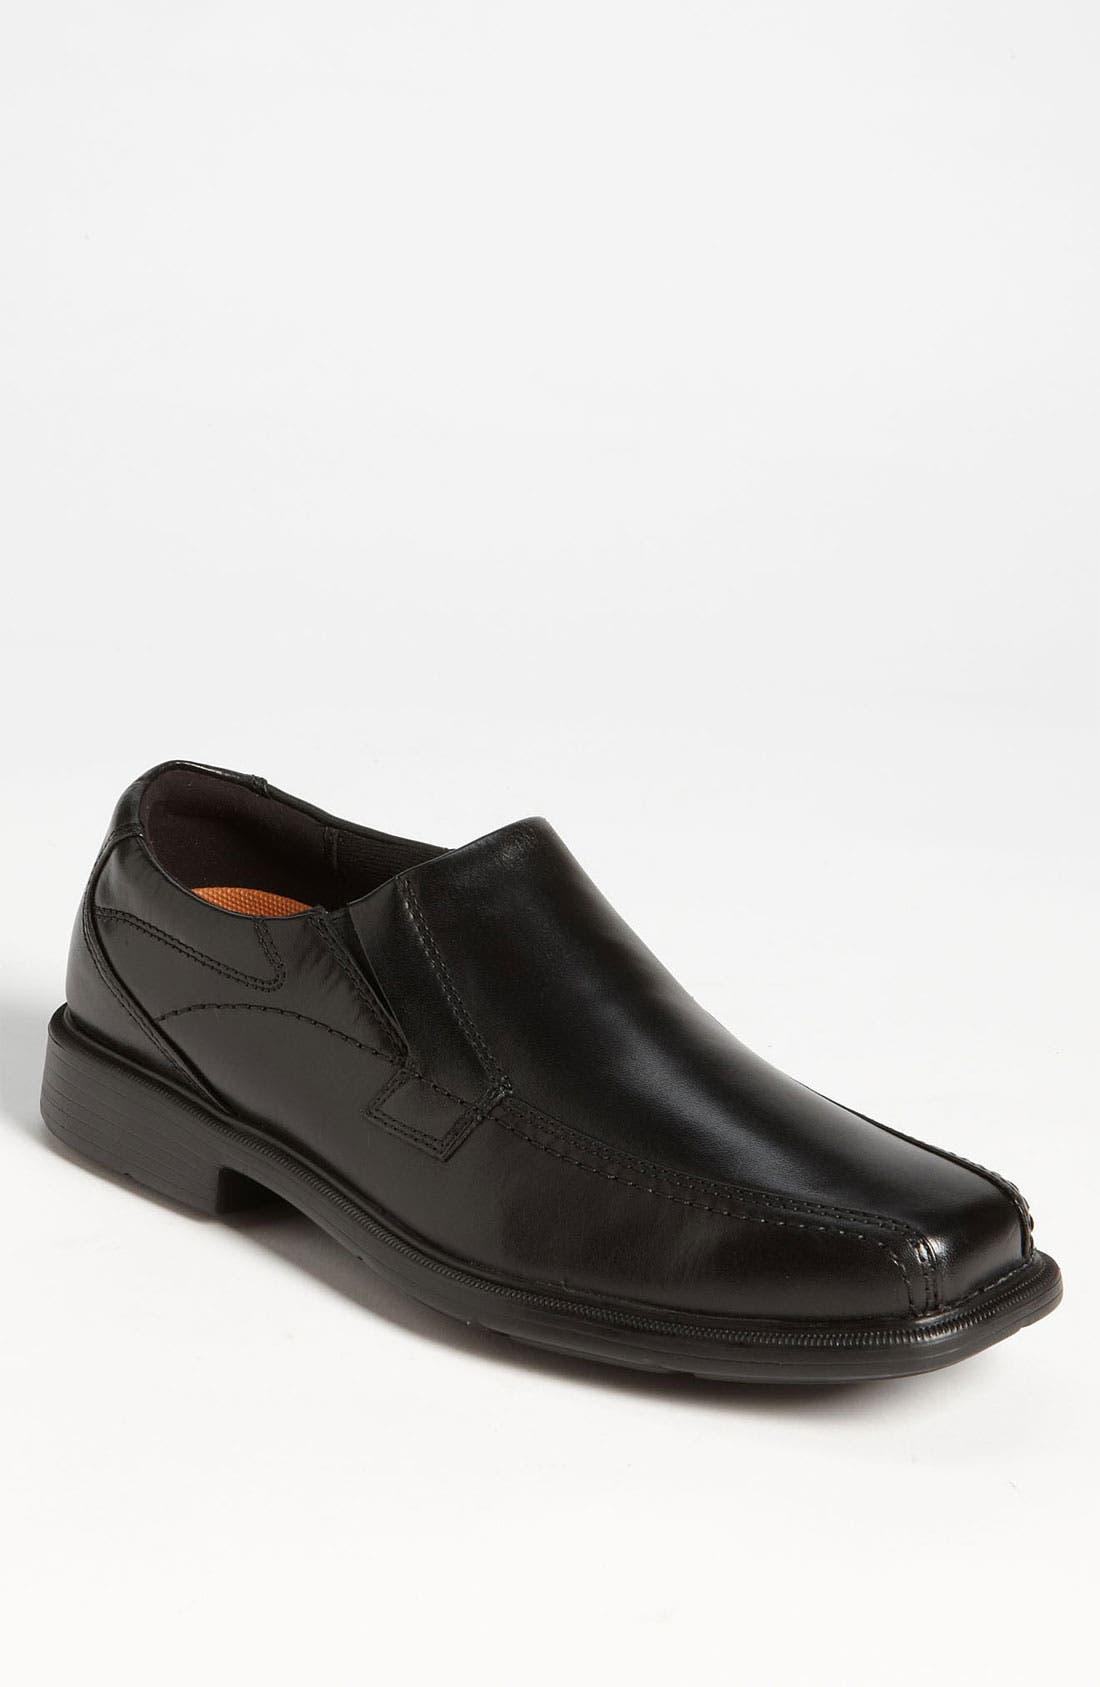 Alternate Image 1 Selected - Dunham 'Dillon' Venetian Loafer (Online Only)